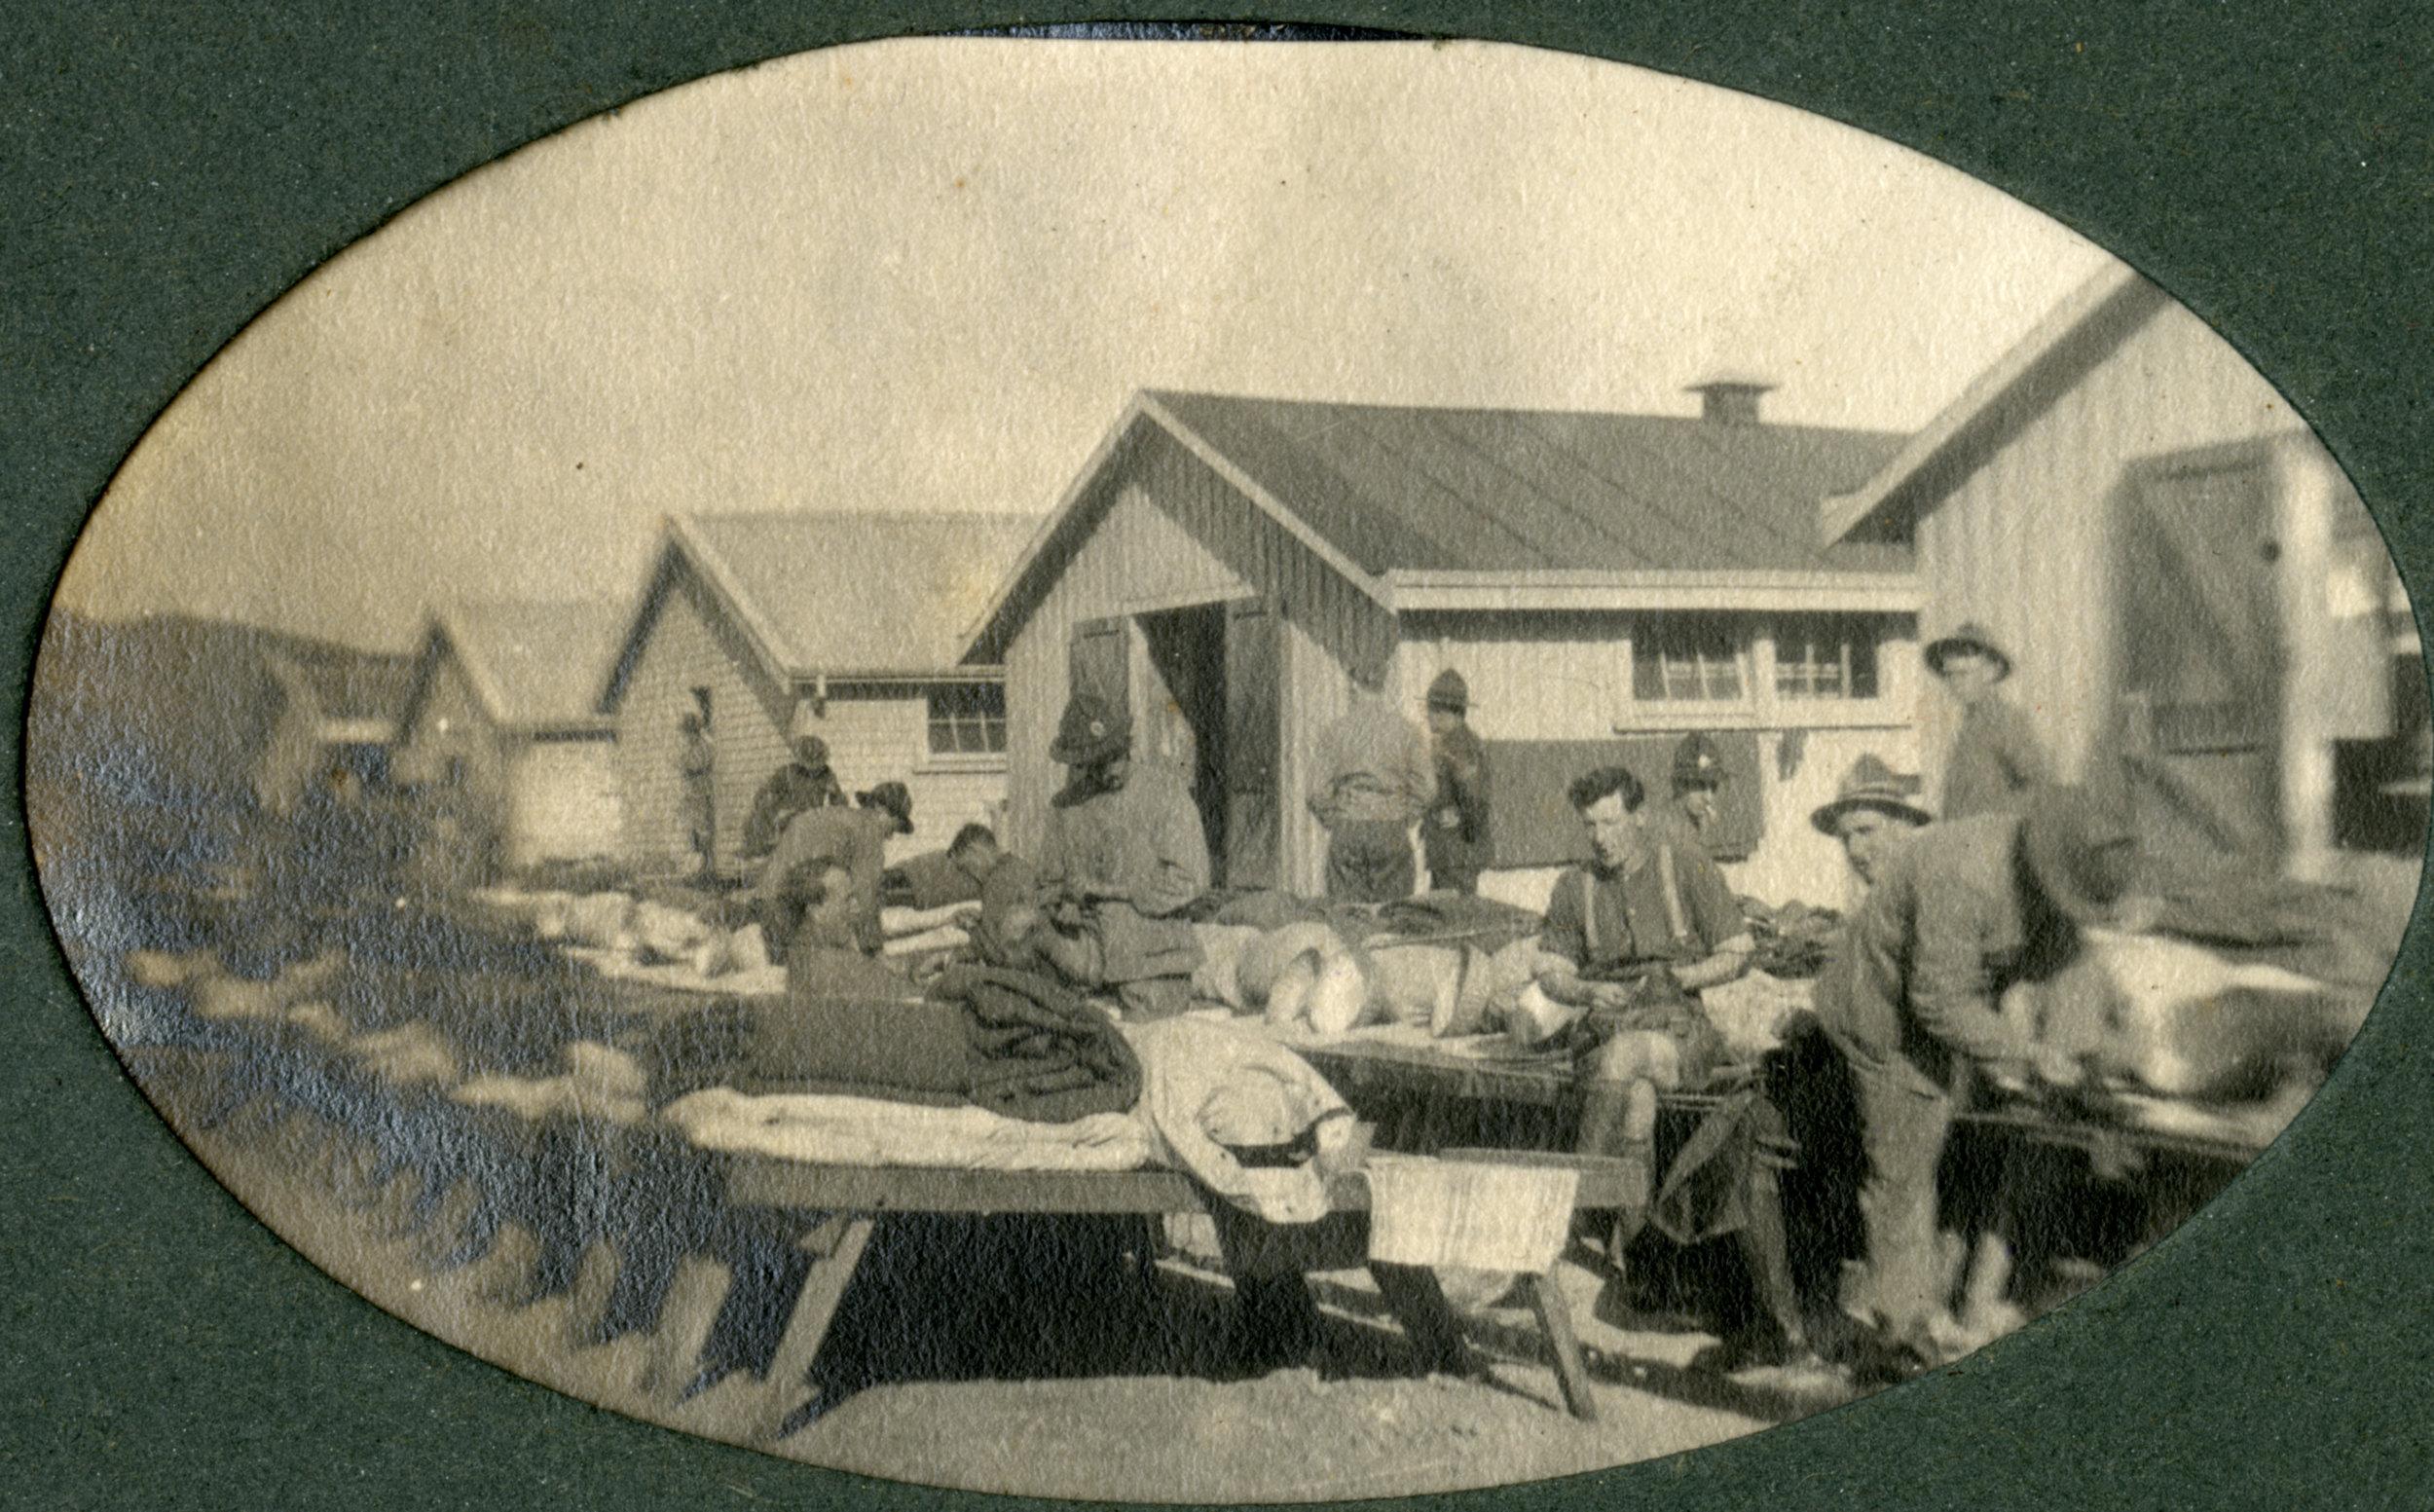 OUtside the barracks